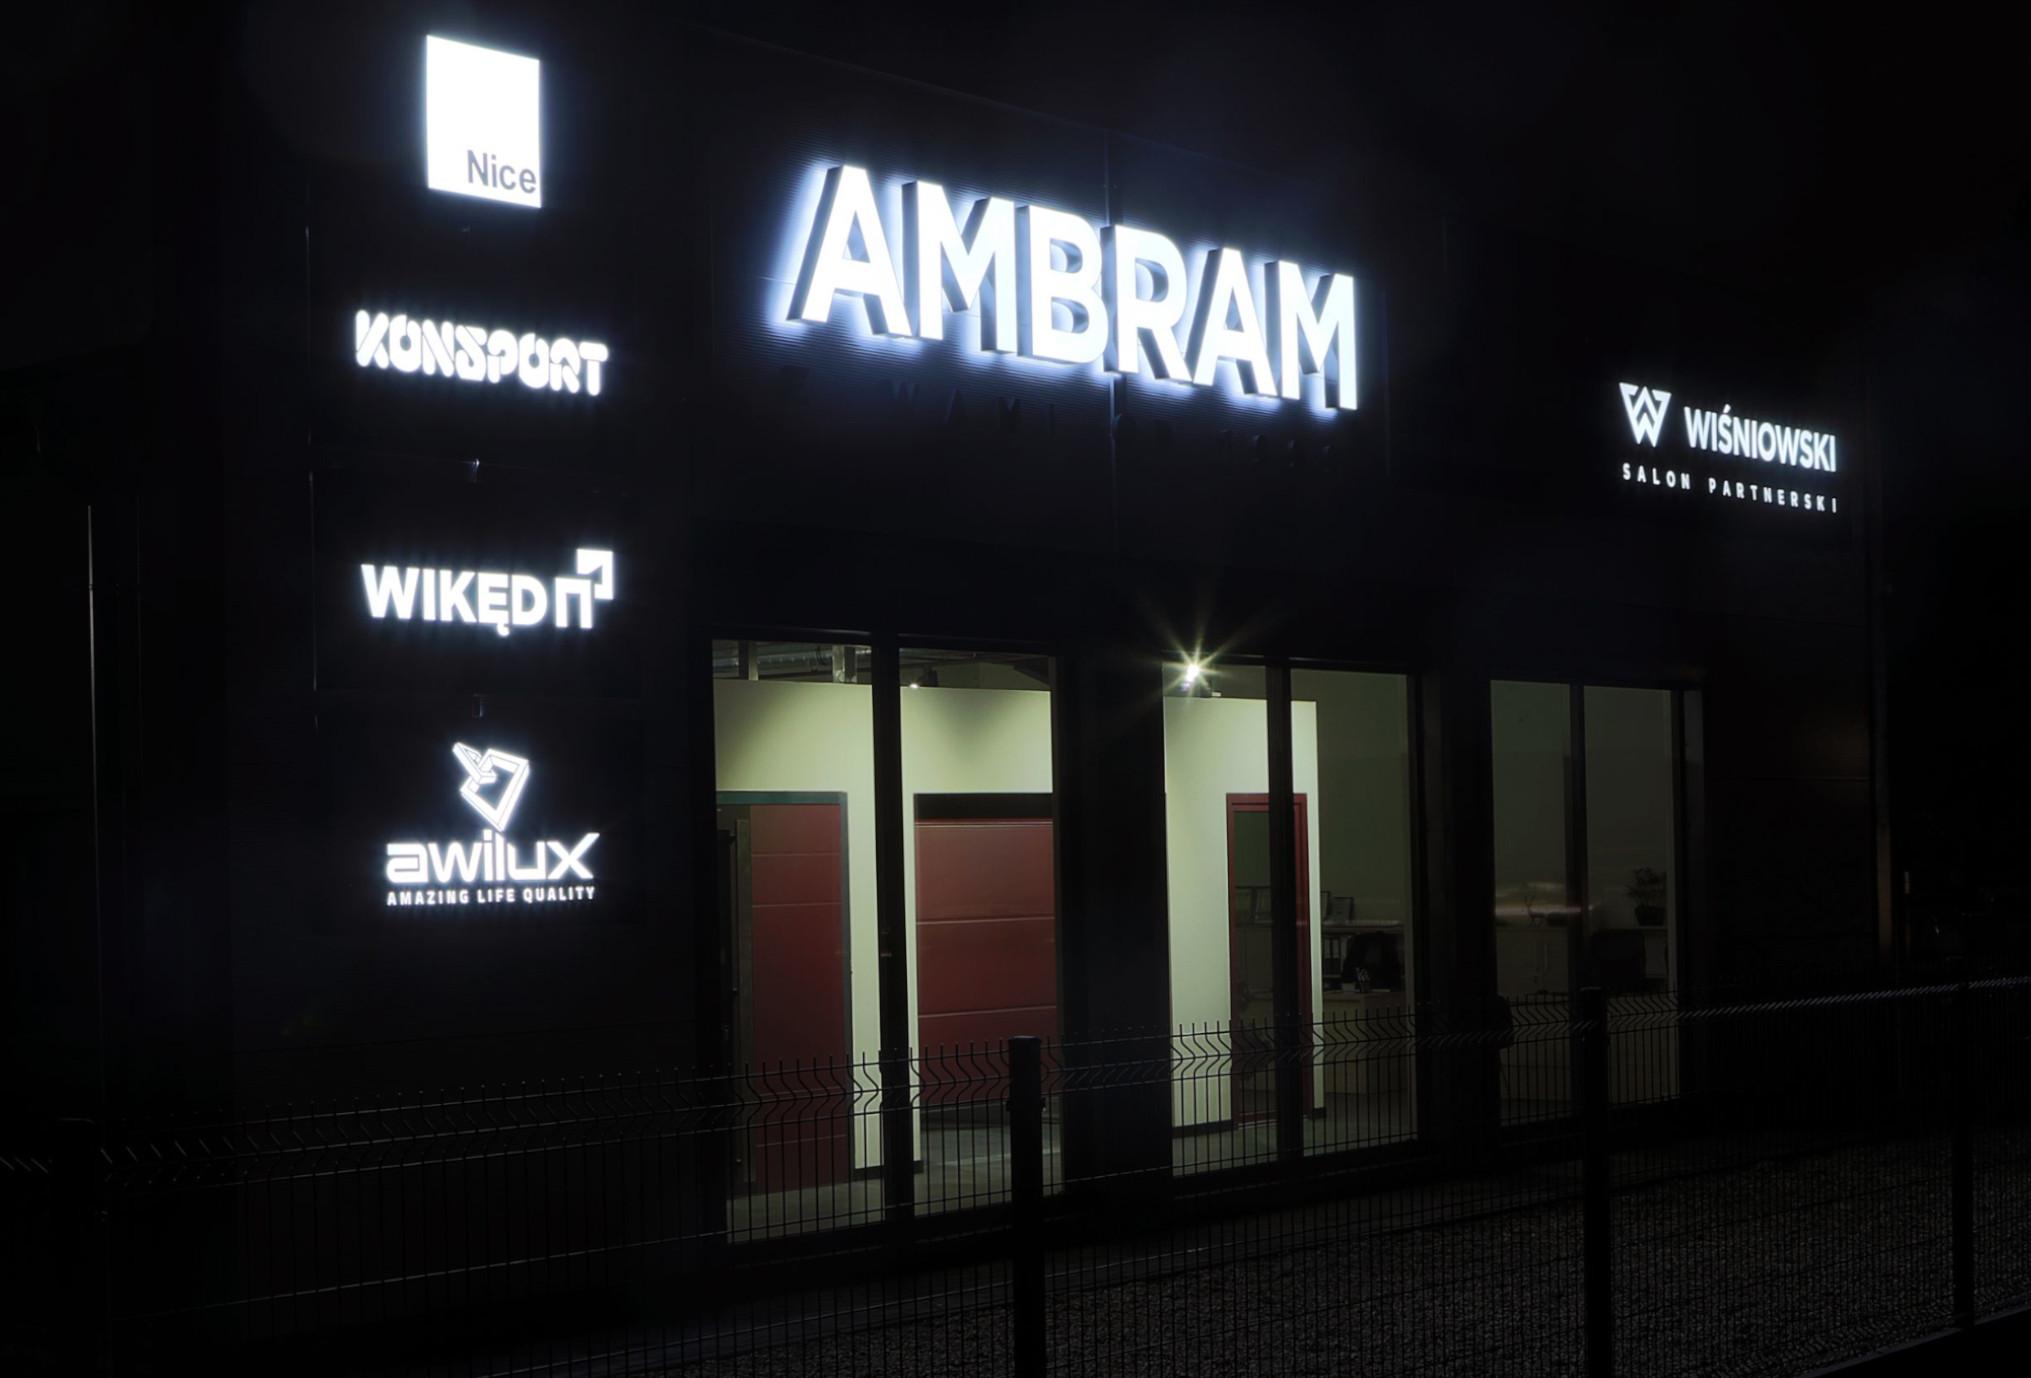 AMBRAM i Nice - jak rośliśmy razem – materiał wideo